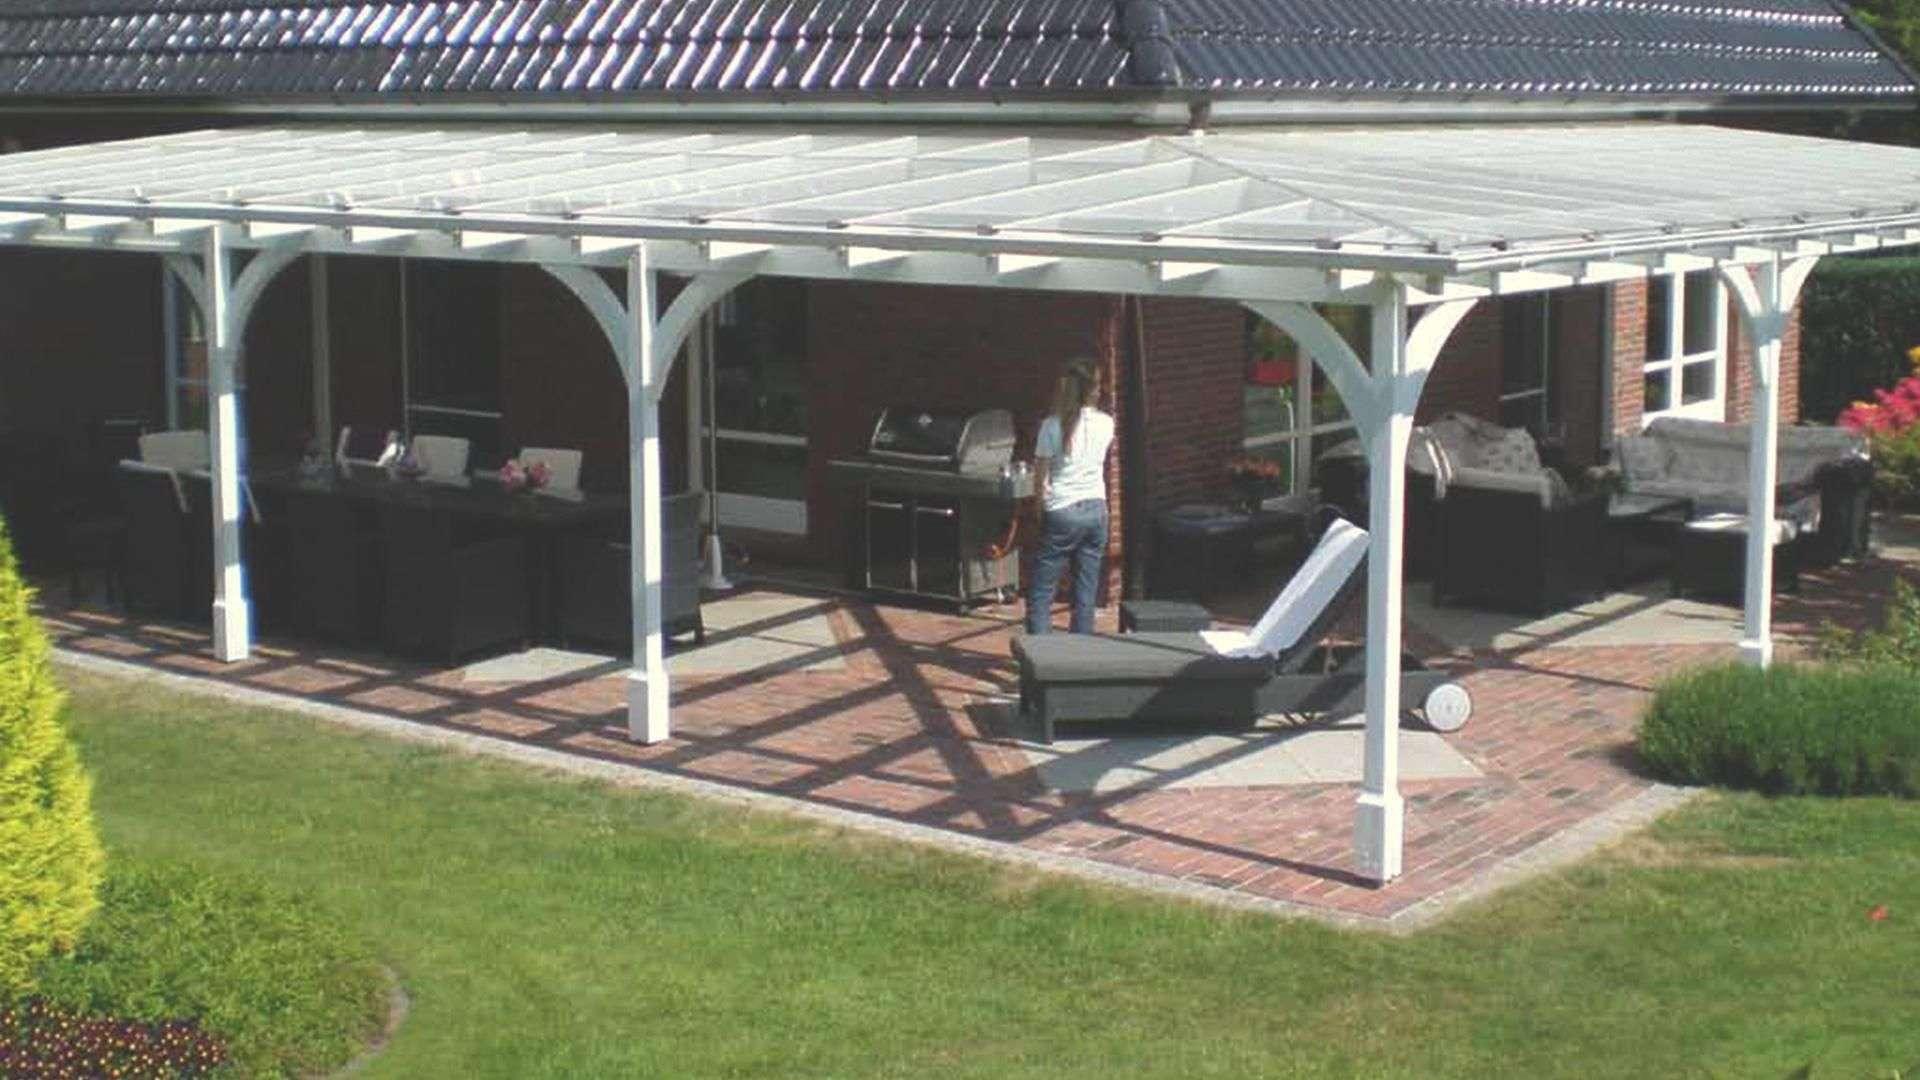 Sonderlösung eines weißen Terrassendaches, welches über Eck läuft